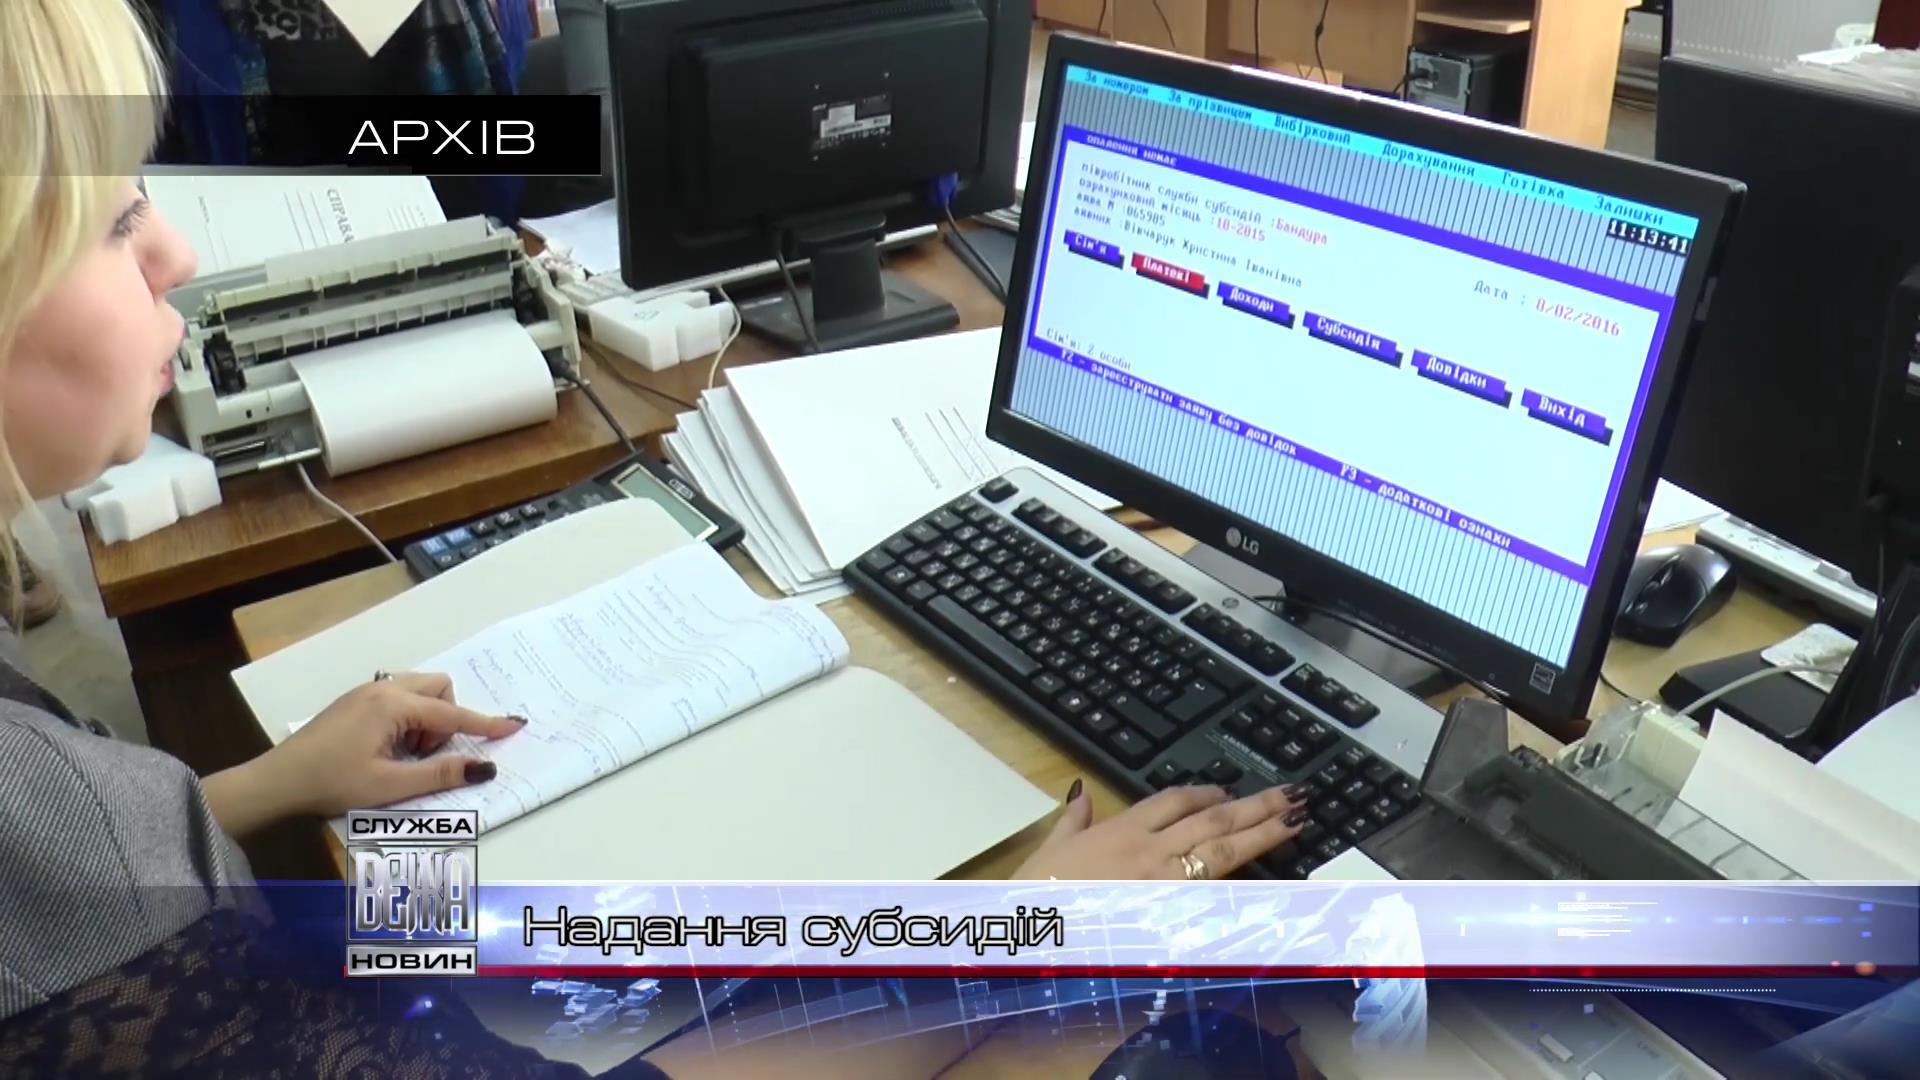 У Департаменті соцполітики розпочали надання субсидій іванофранківцям[19-09-29]